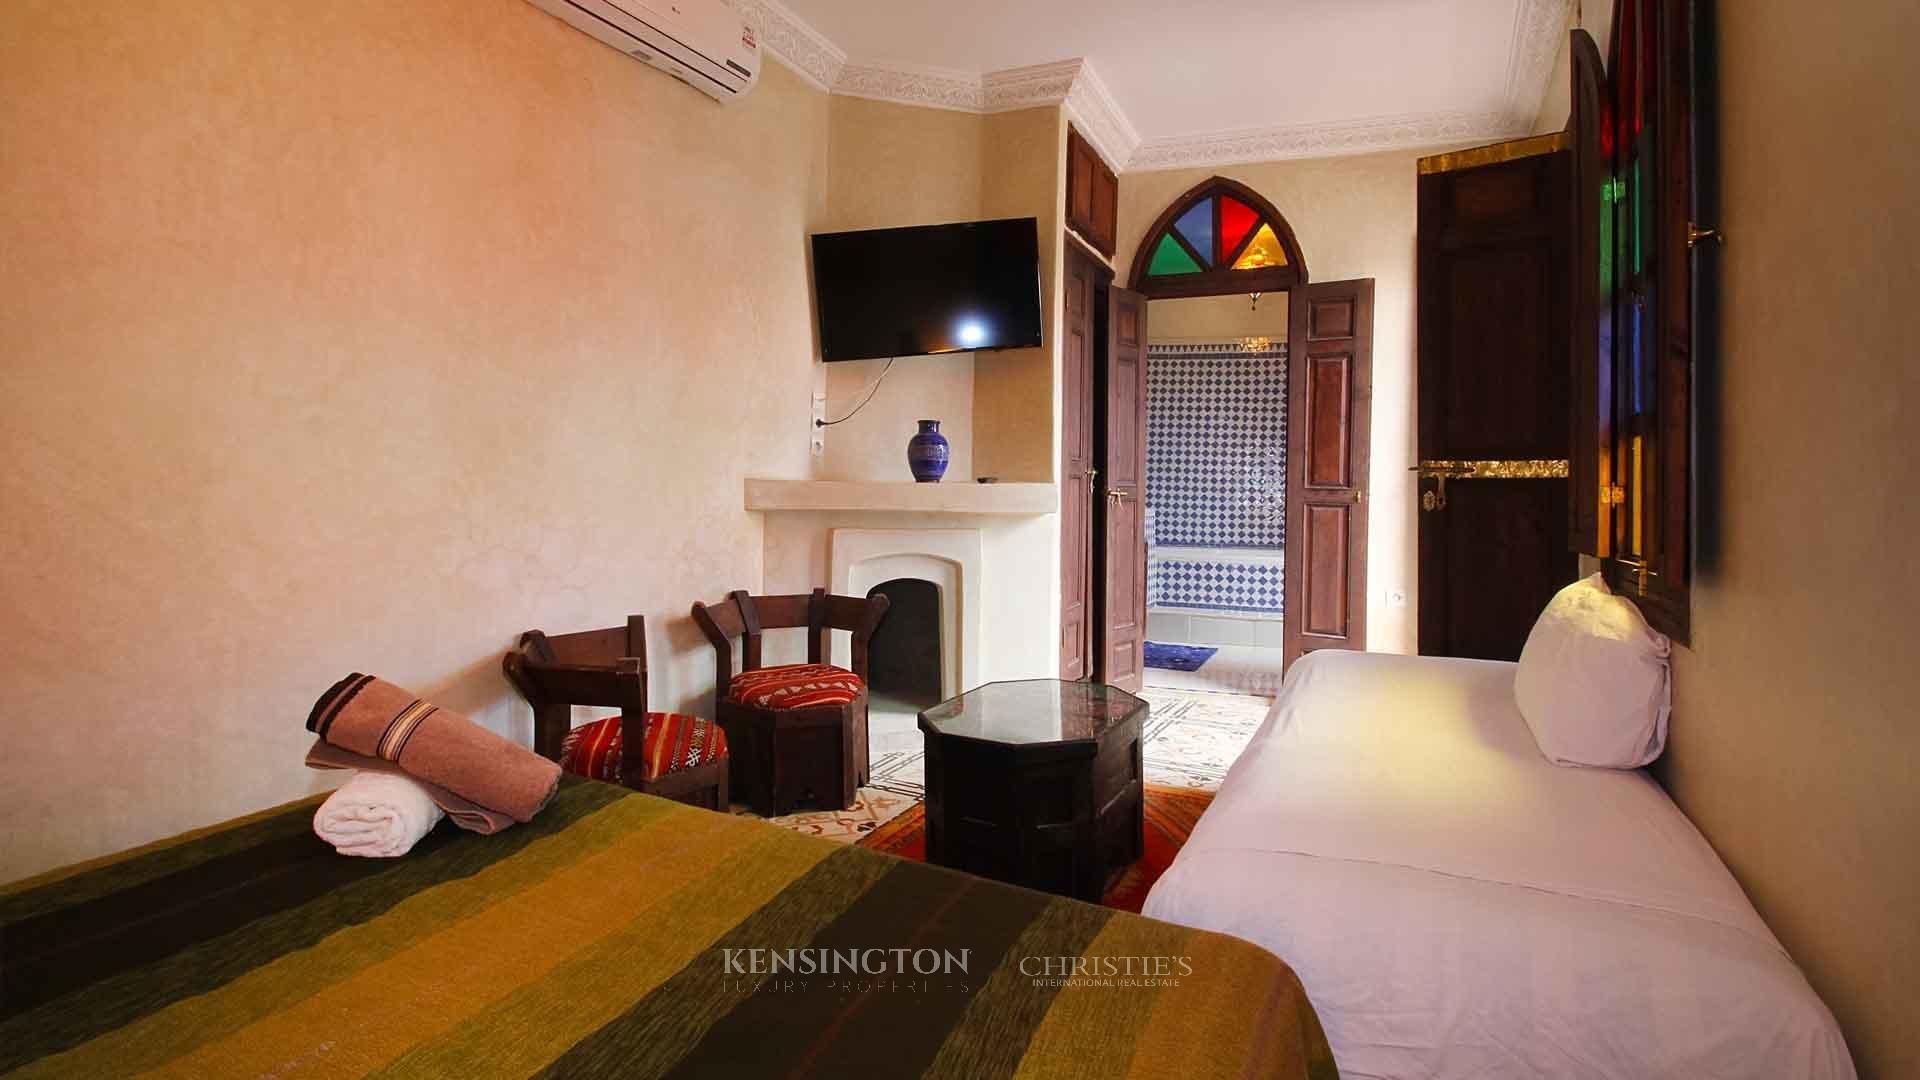 KPPM01265: Riad Jbel Riad Marrakech Morocco